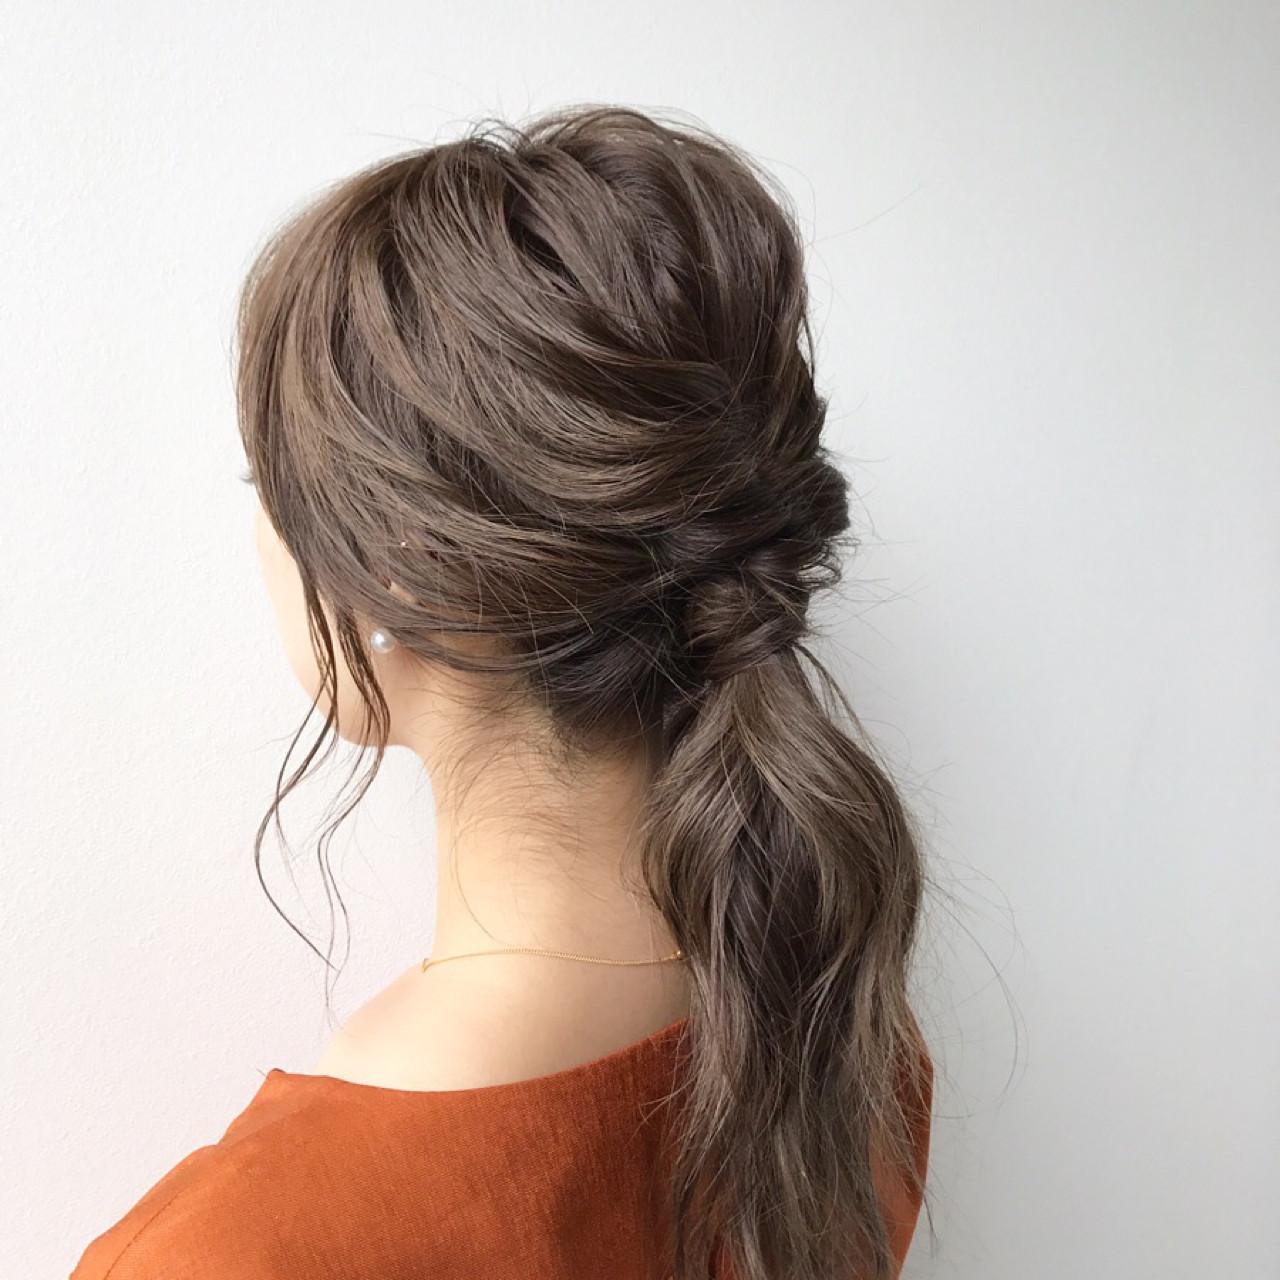 ミディアム 簡単ヘアアレンジ ショート ナチュラル ヘアスタイルや髪型の写真・画像 | Meg/k-two AOYAMA / K-two  AOYAMA店